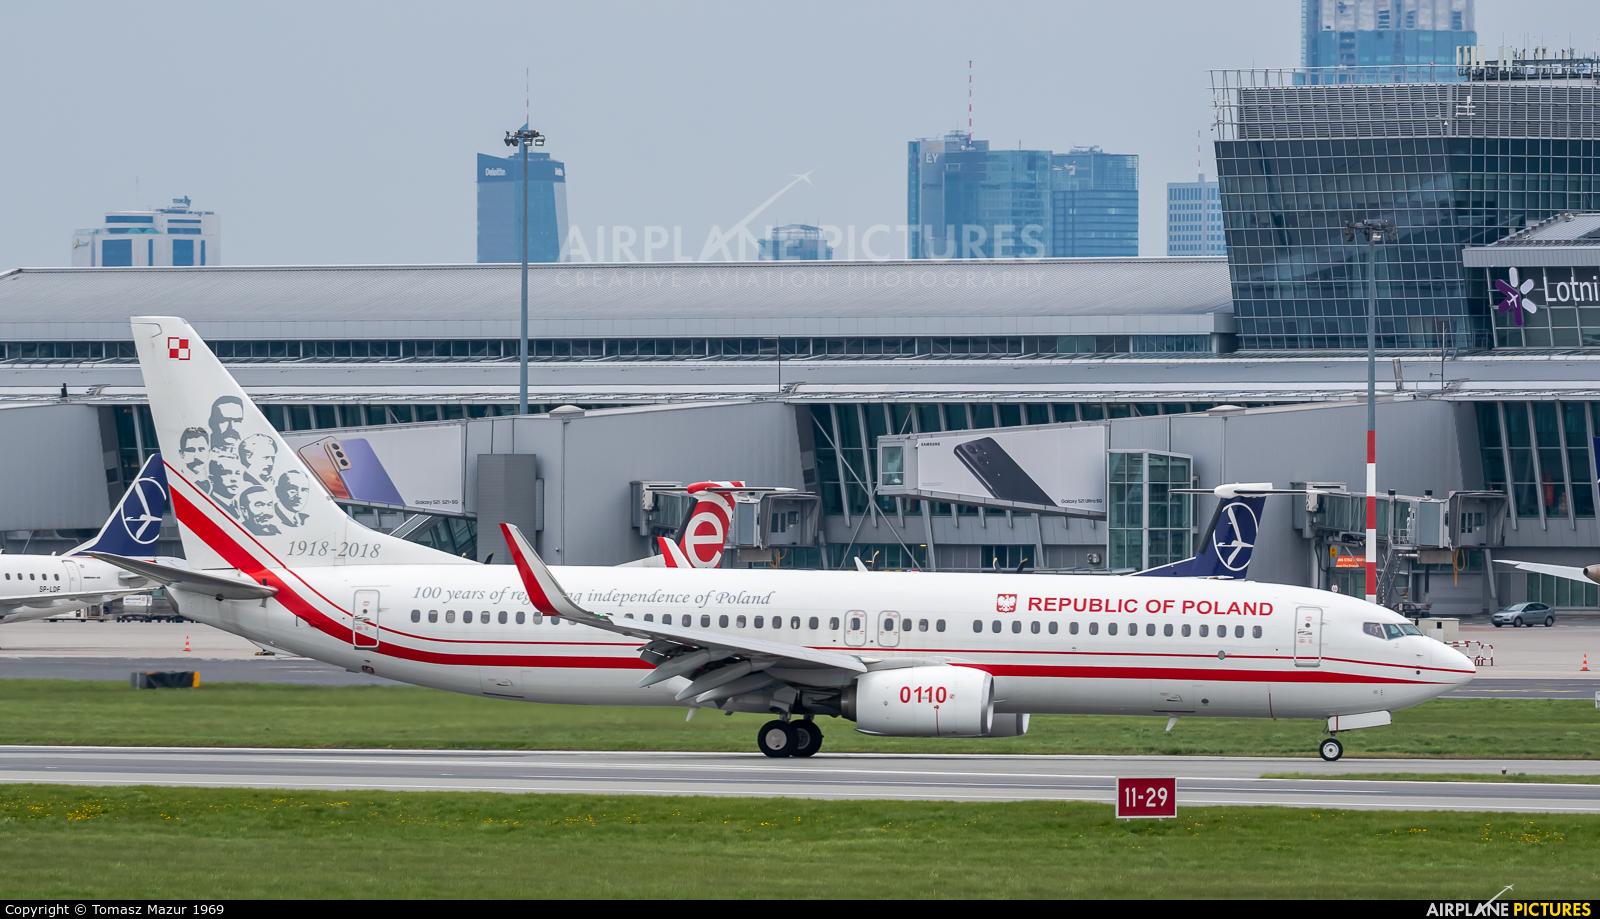 Poland - Air Force 0110 aircraft at Warsaw - Frederic Chopin